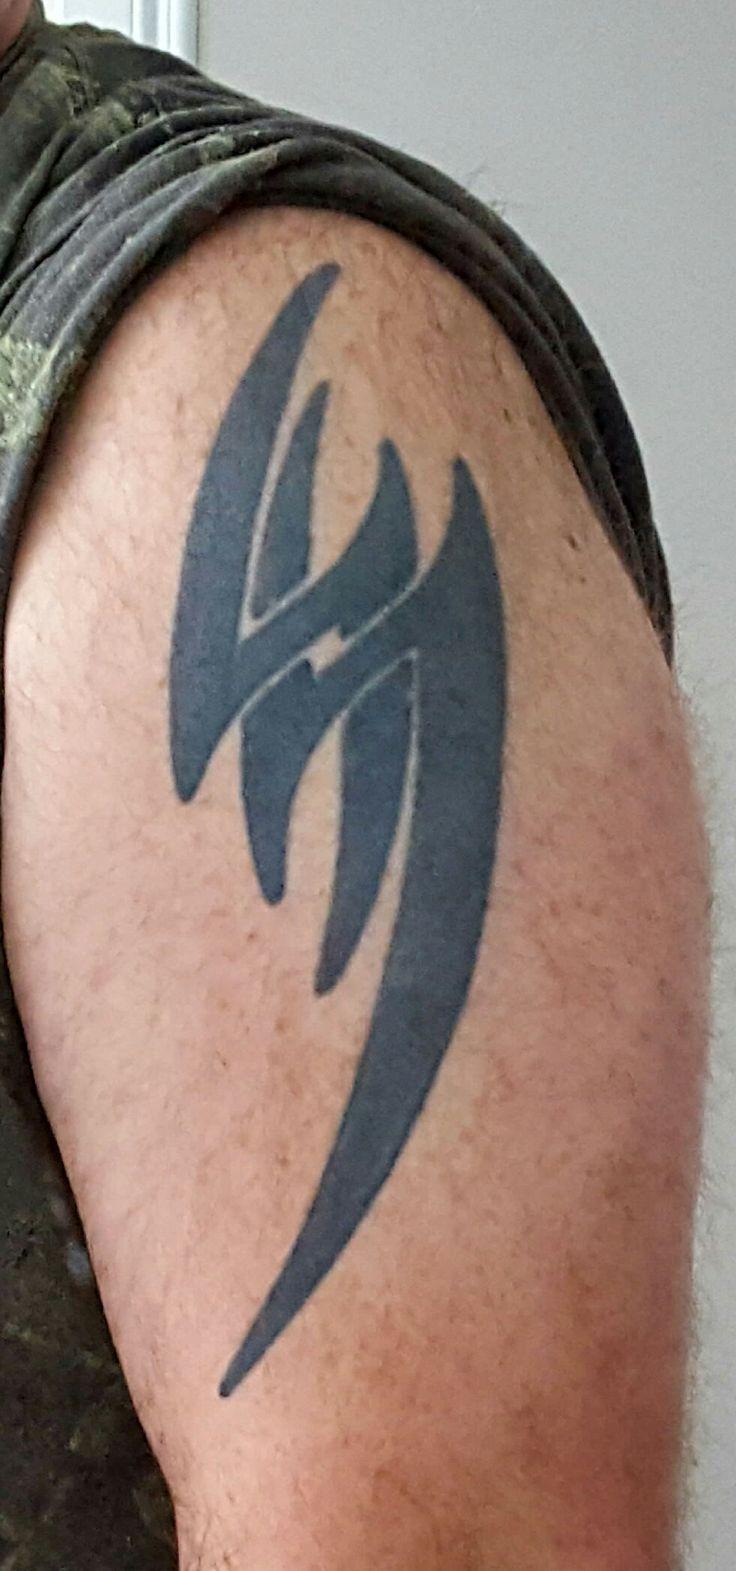 Jin Kazama tattoo **real tattoo**